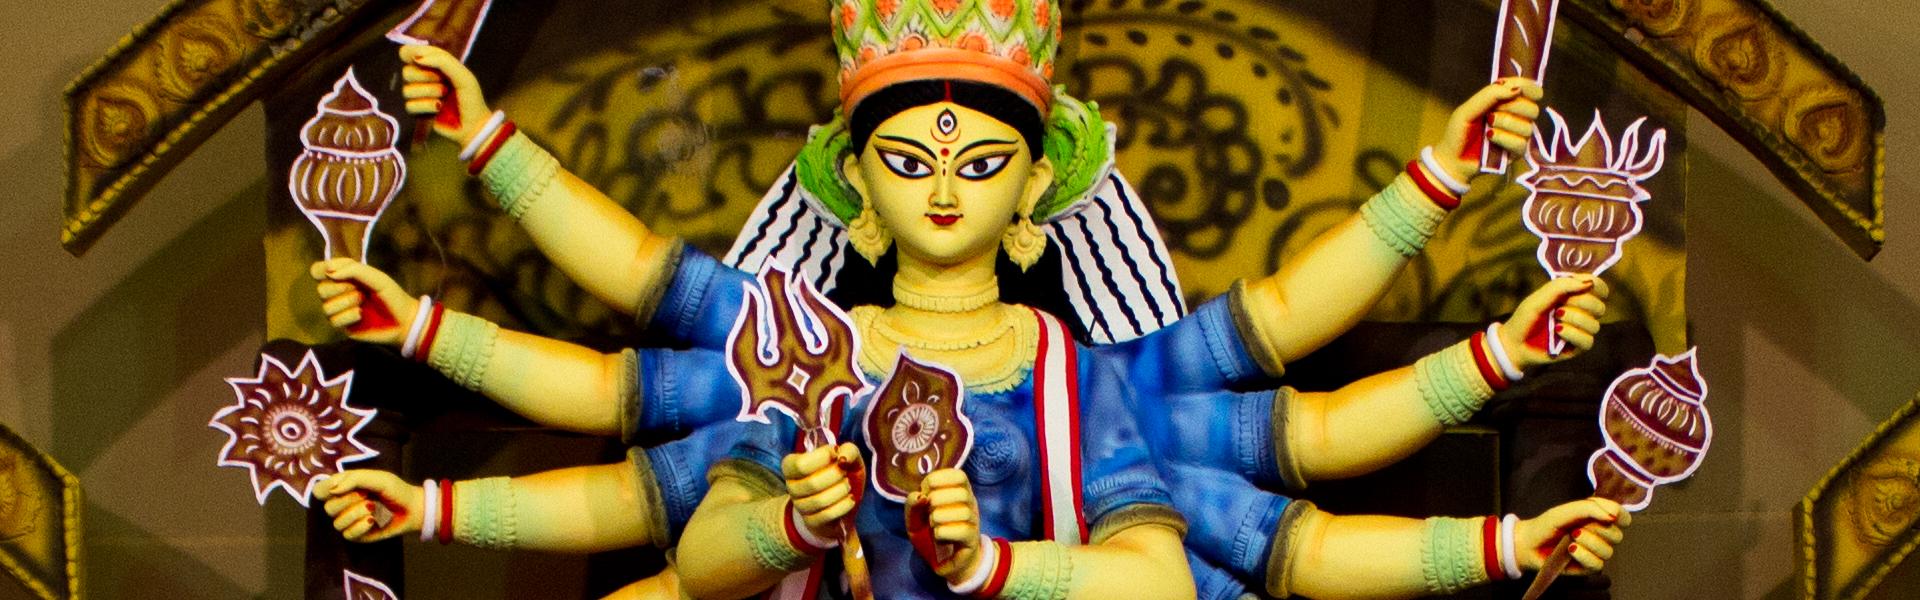 VCA Durga pratima 2016